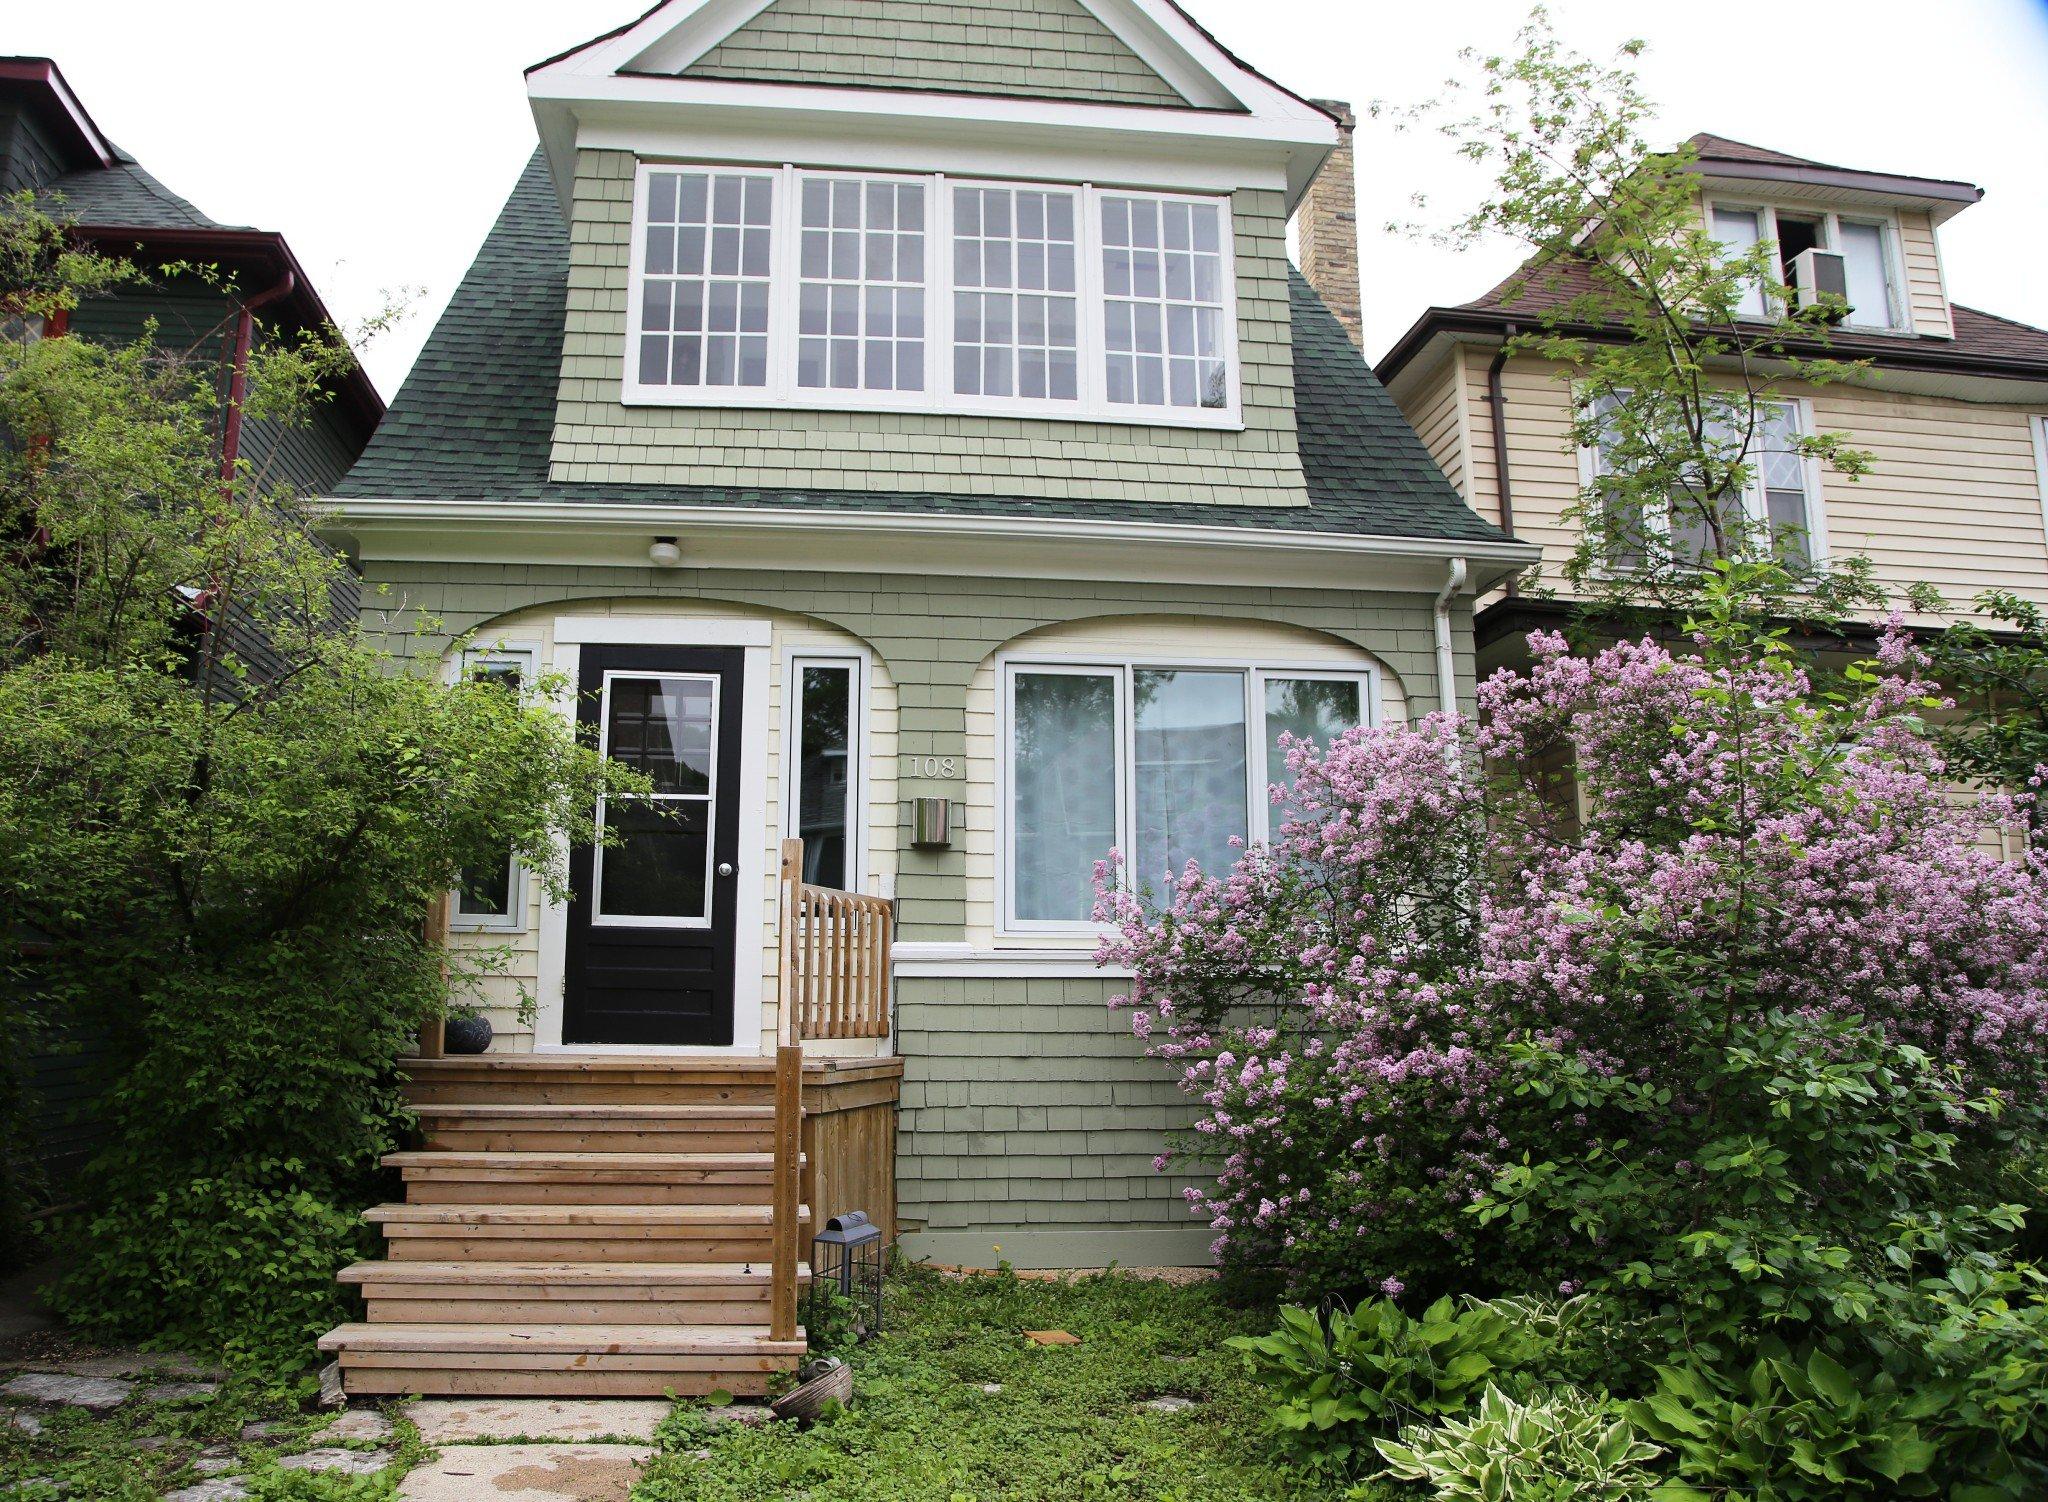 Photo 1: Photos: 108 LENORE Street in Winnipeg: Wolseley Single Family Detached for sale (5B)  : MLS®# 202013079